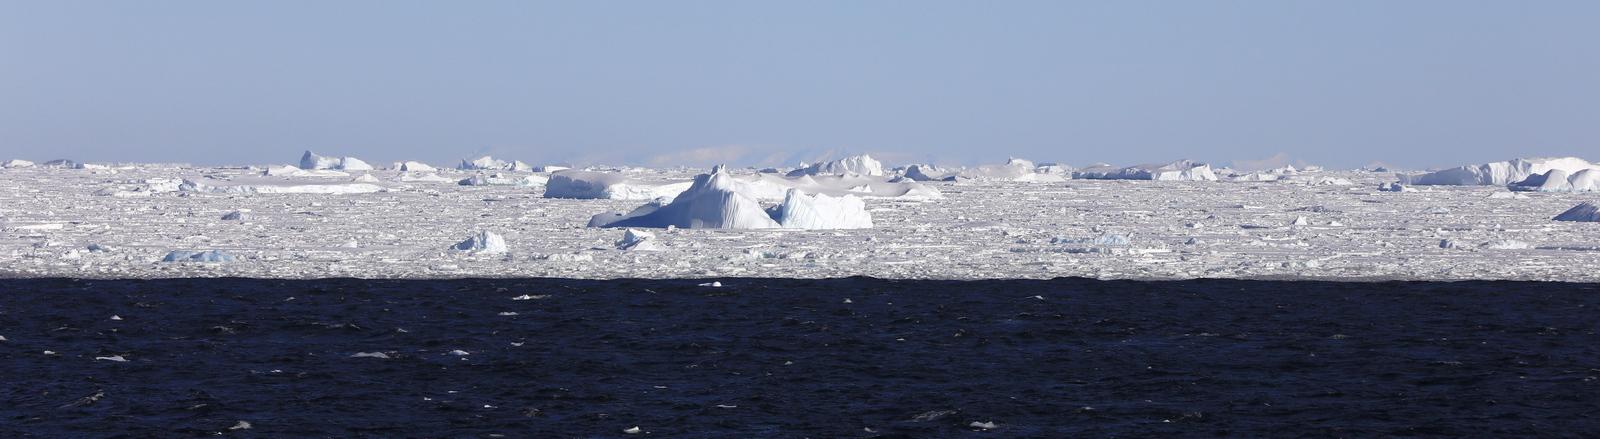 1702_Antarctique_02544_c1_sm.jpg